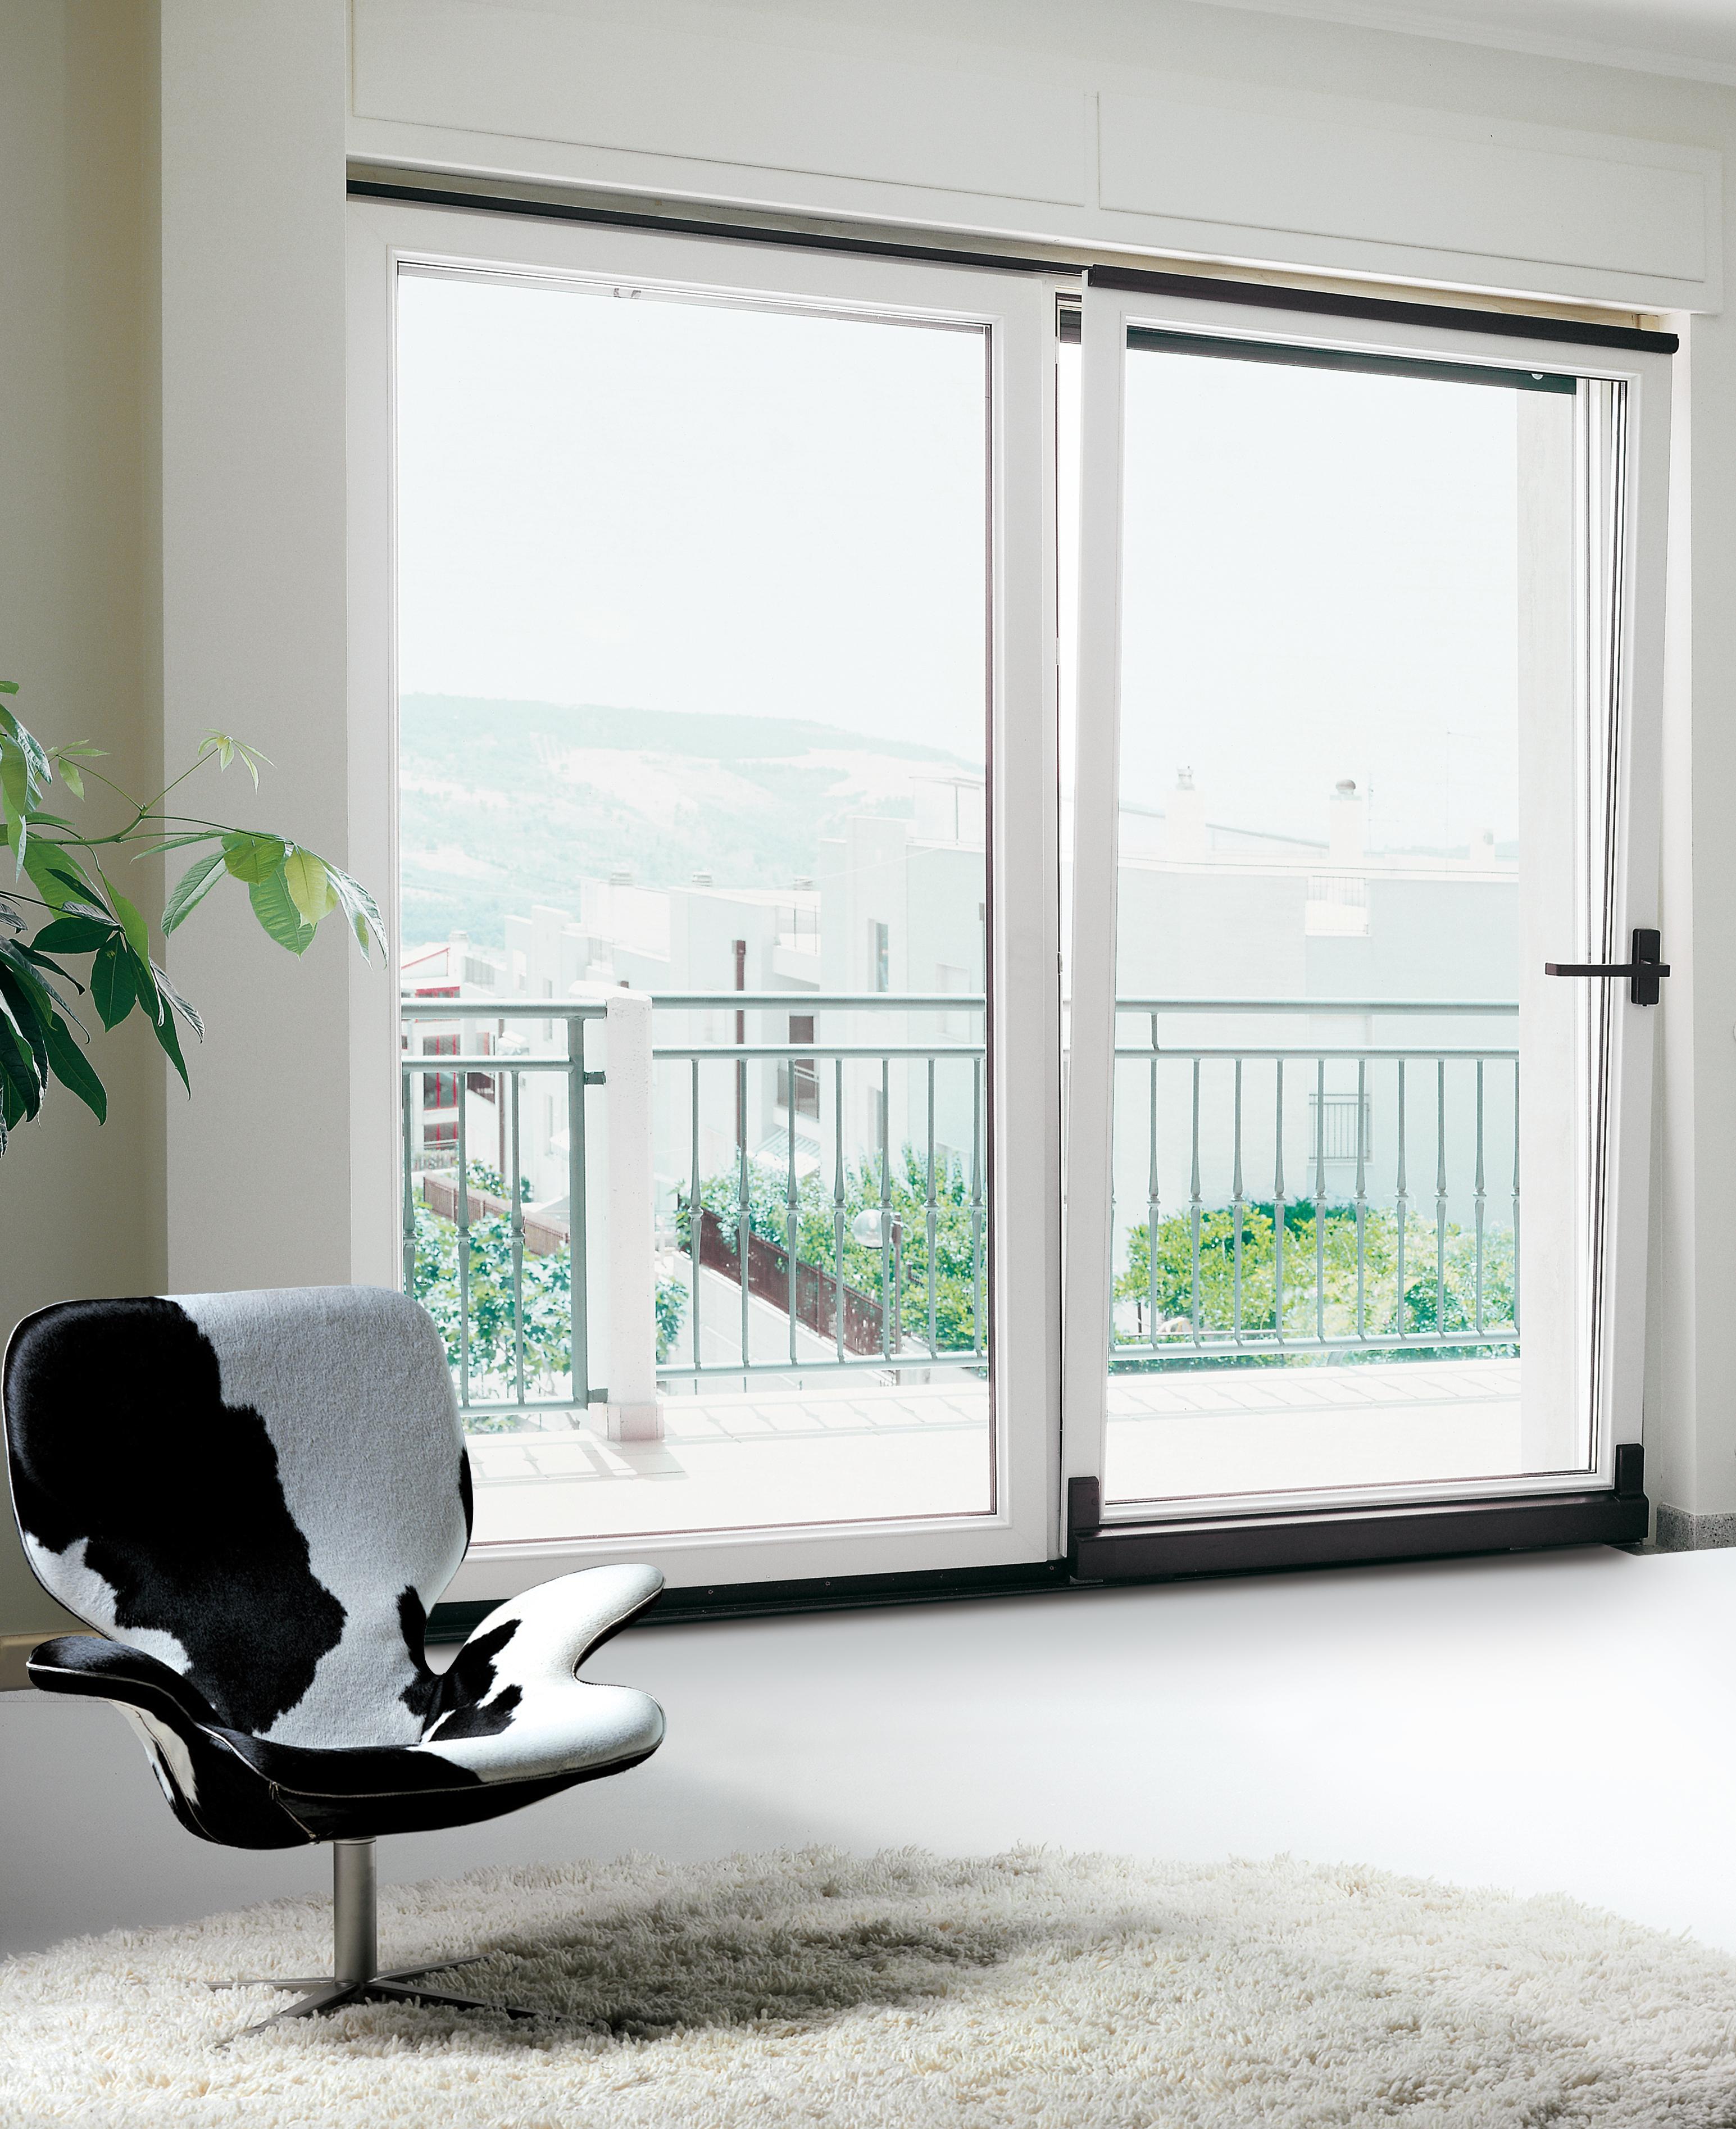 Progetto casa blindata da coserplast la prima finestra italiana blindata in pvc serramenti design - Porta finestra blindata ...